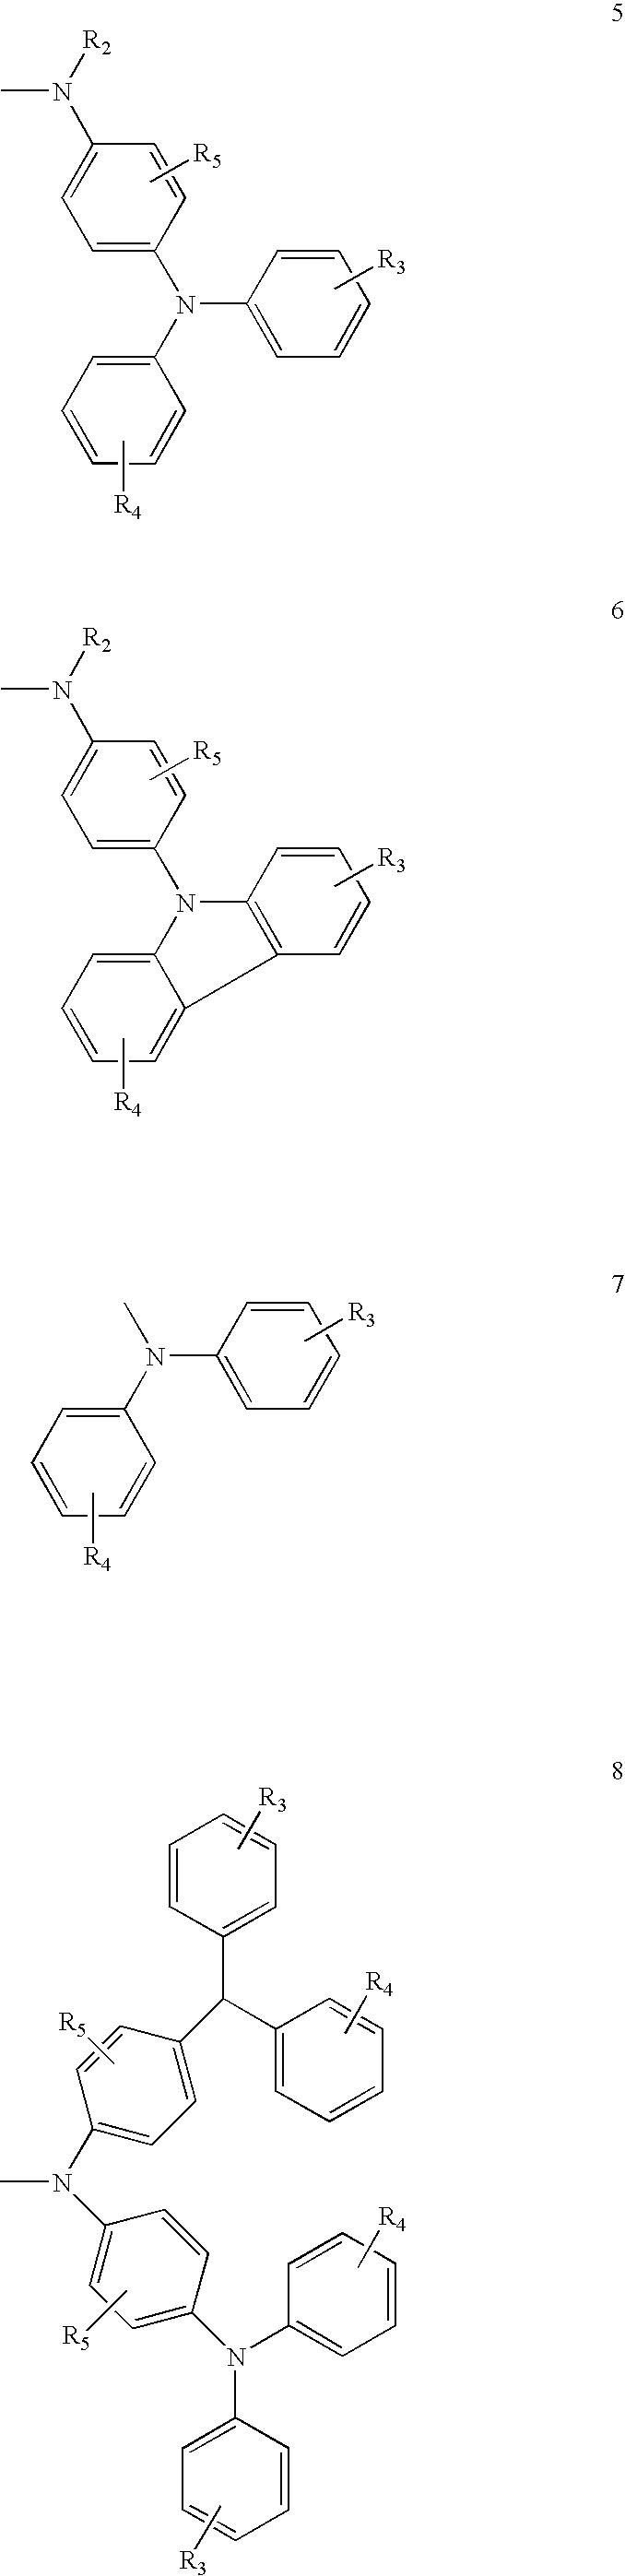 Figure US07166010-20070123-C00003